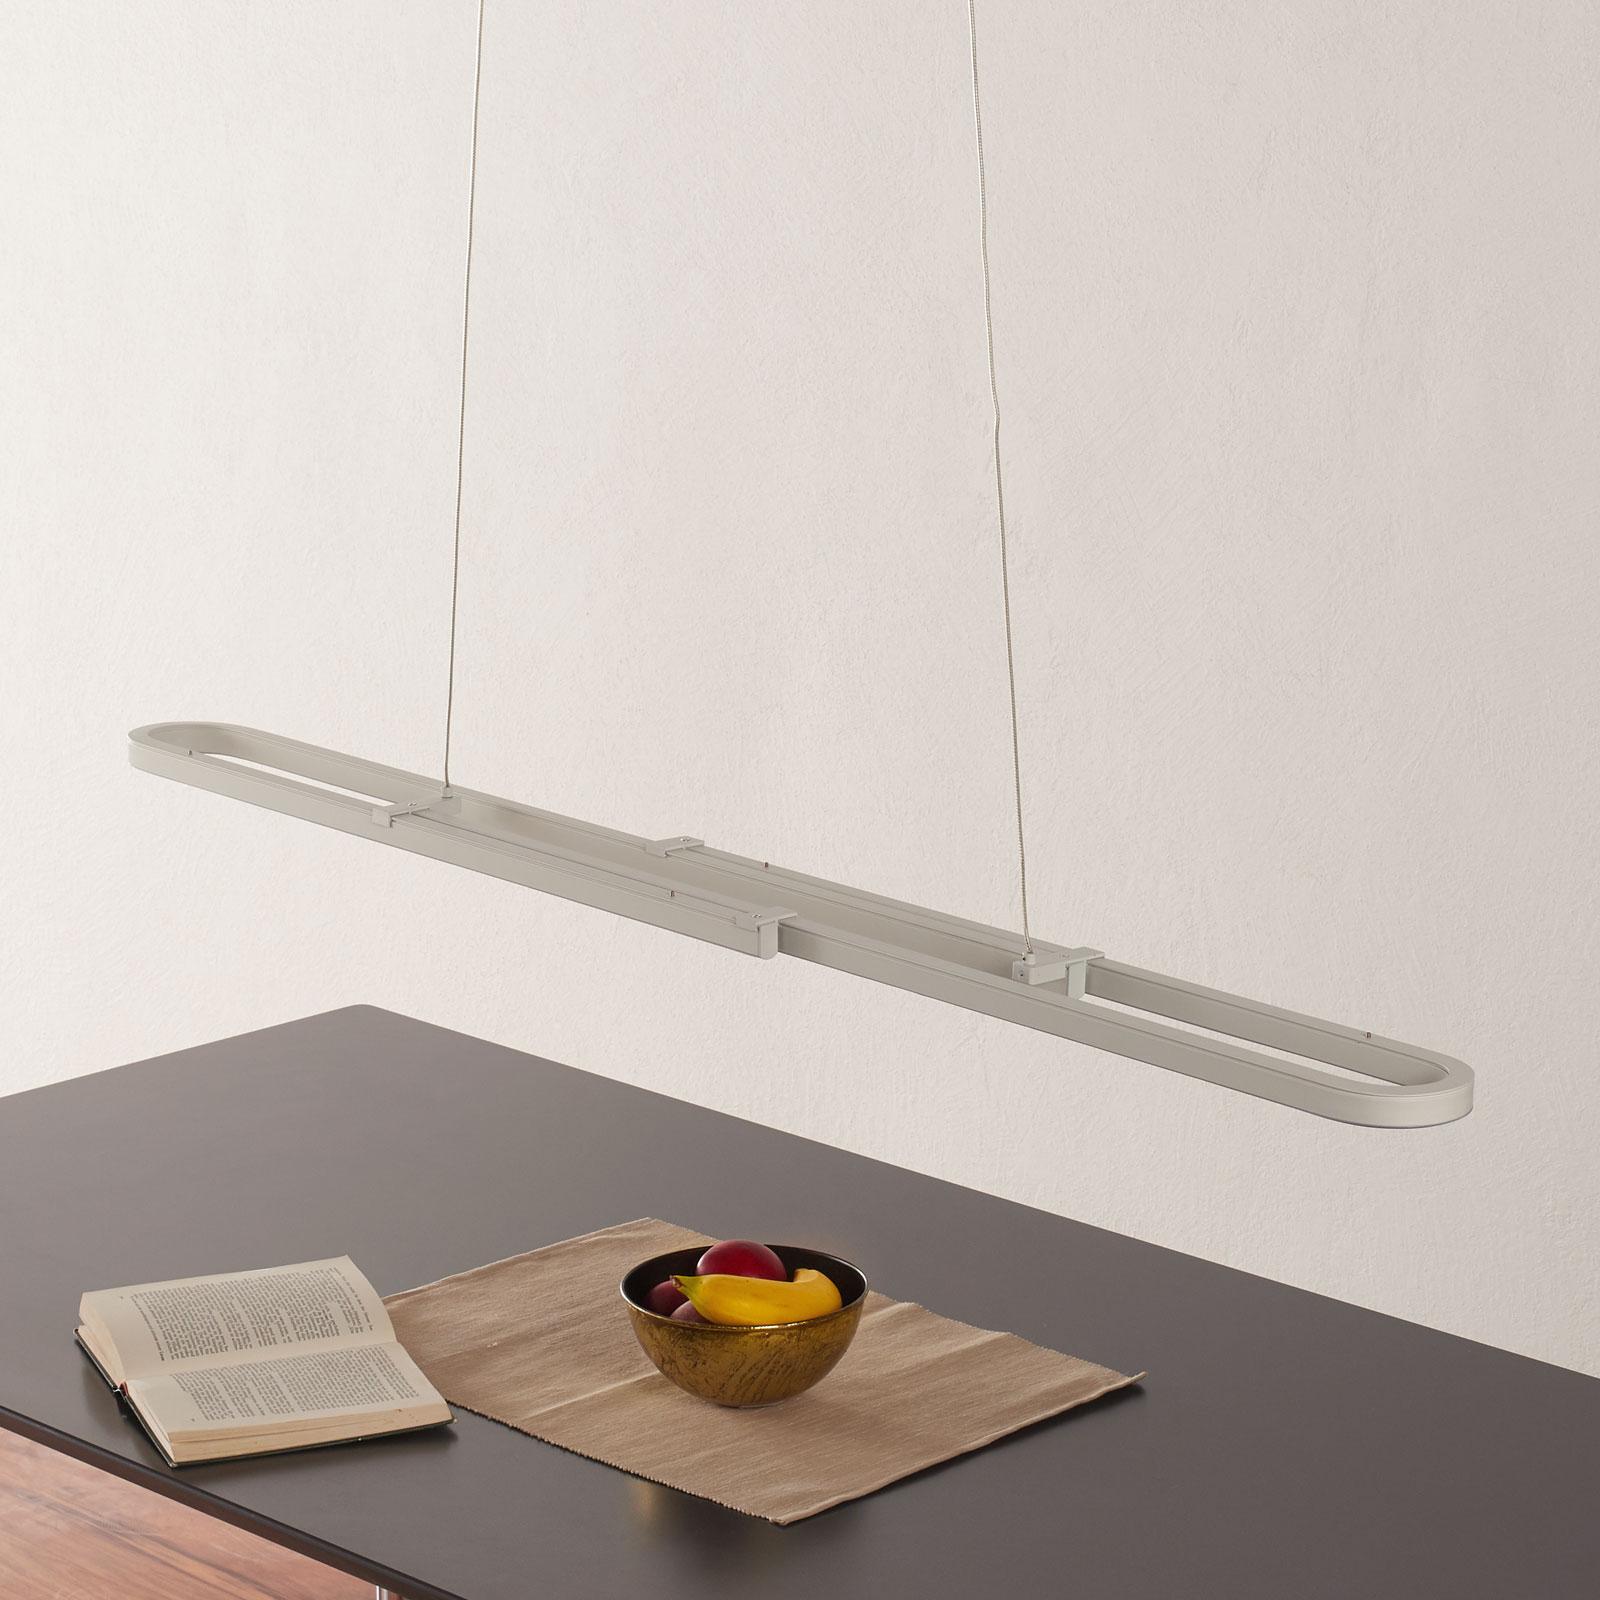 LED-Pendelleuchte Marga, Länge variabel, weiß